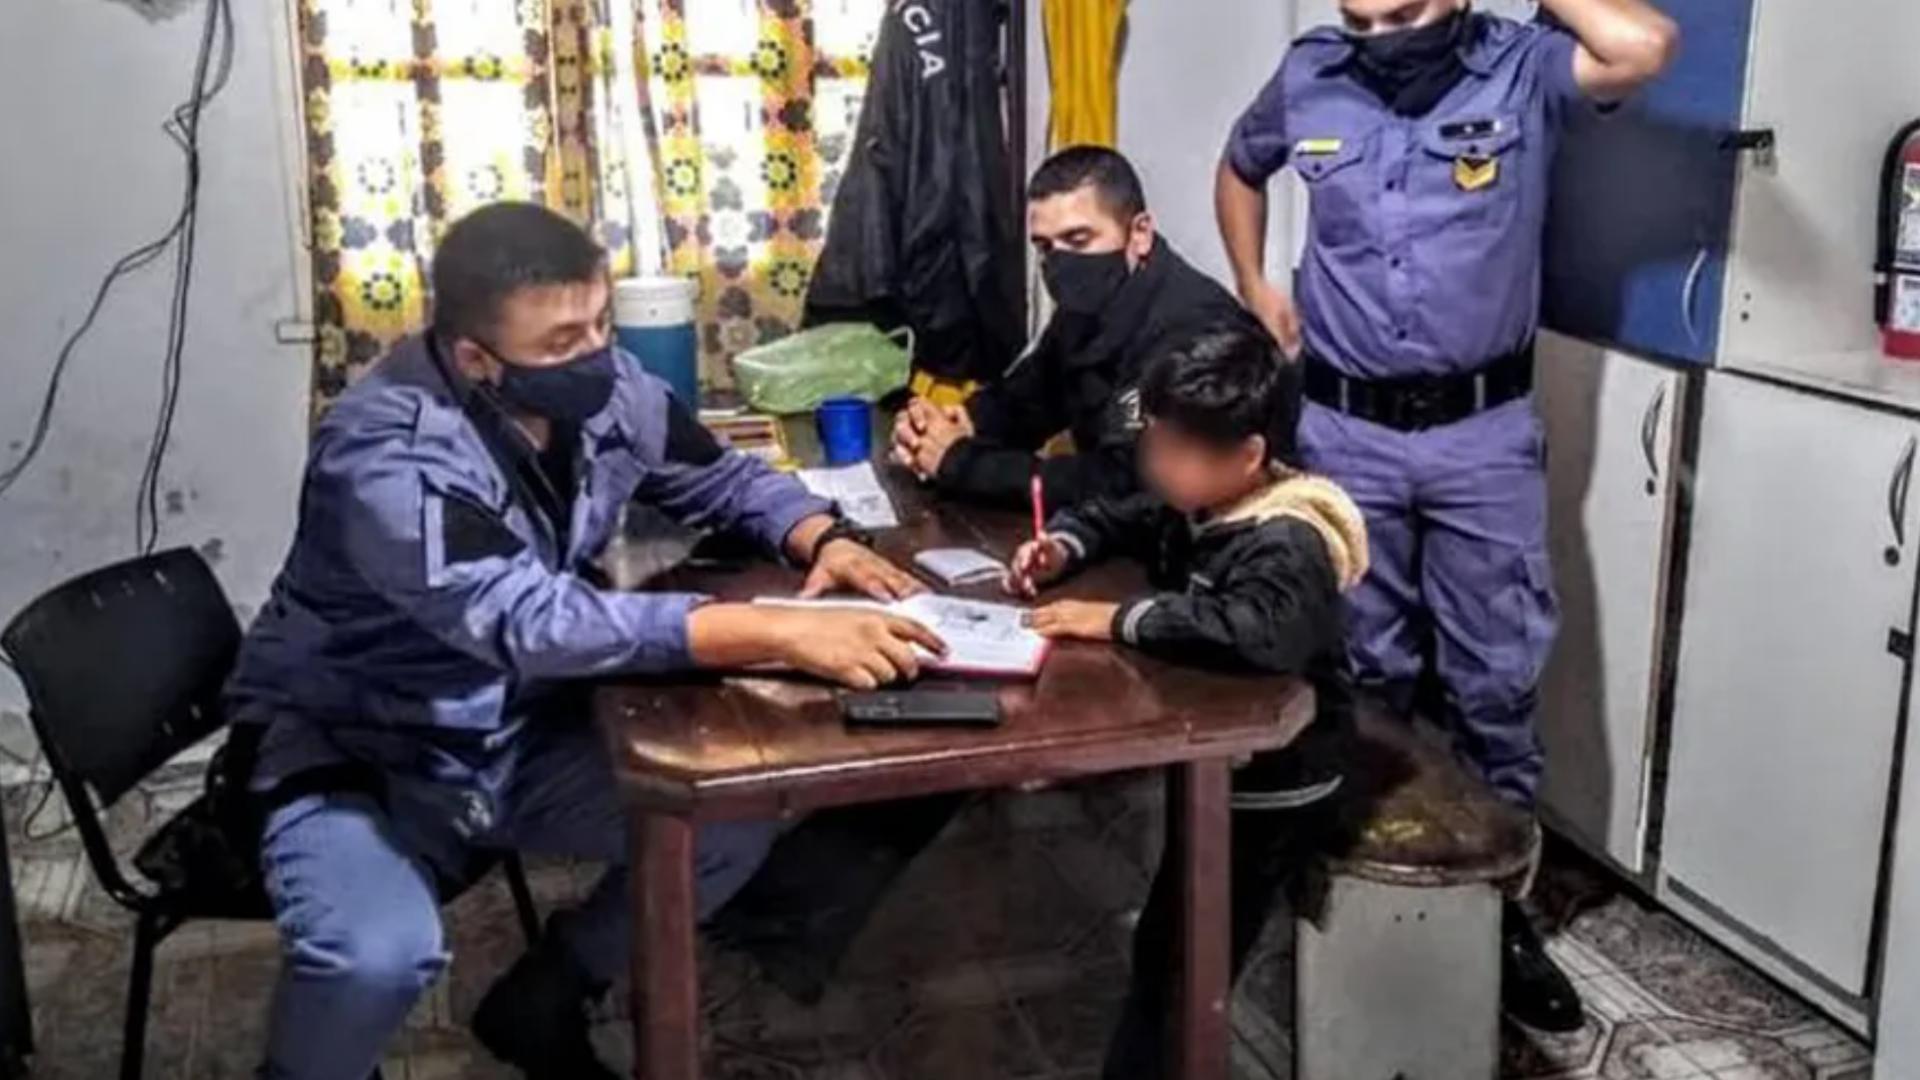 Mamá pide ayuda a la policía porque su hijo no quería hacer la tarea